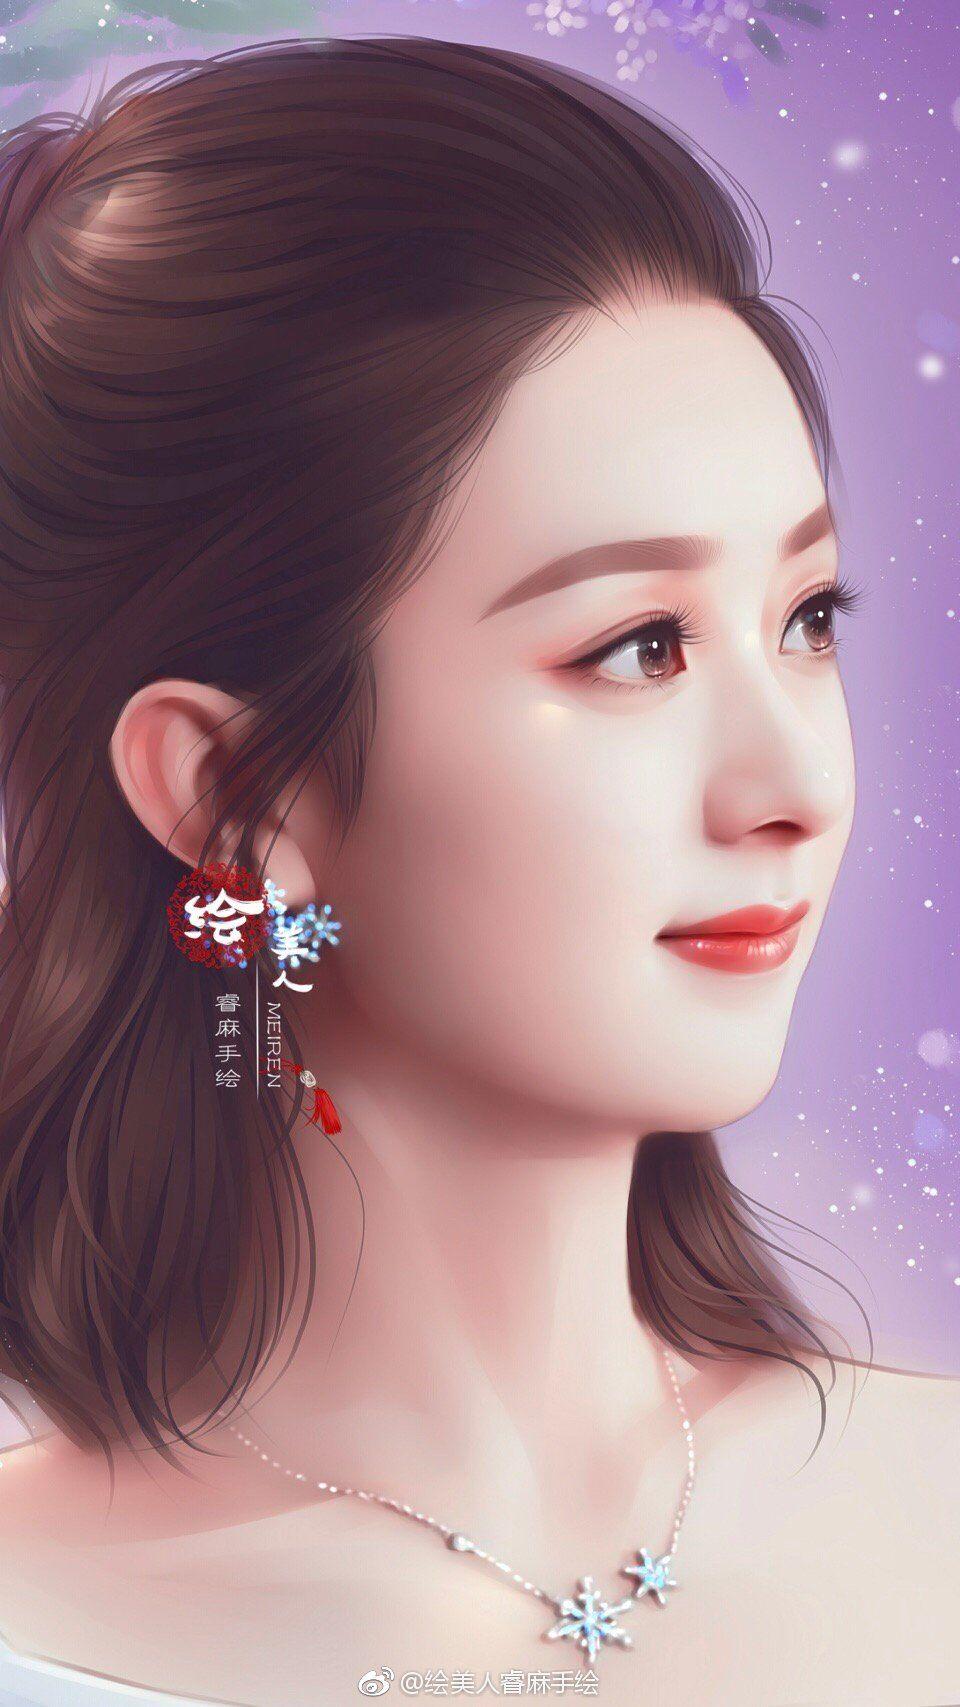 赵丽颖手绘壁纸:你们是什么时候开始认识她的,最喜欢